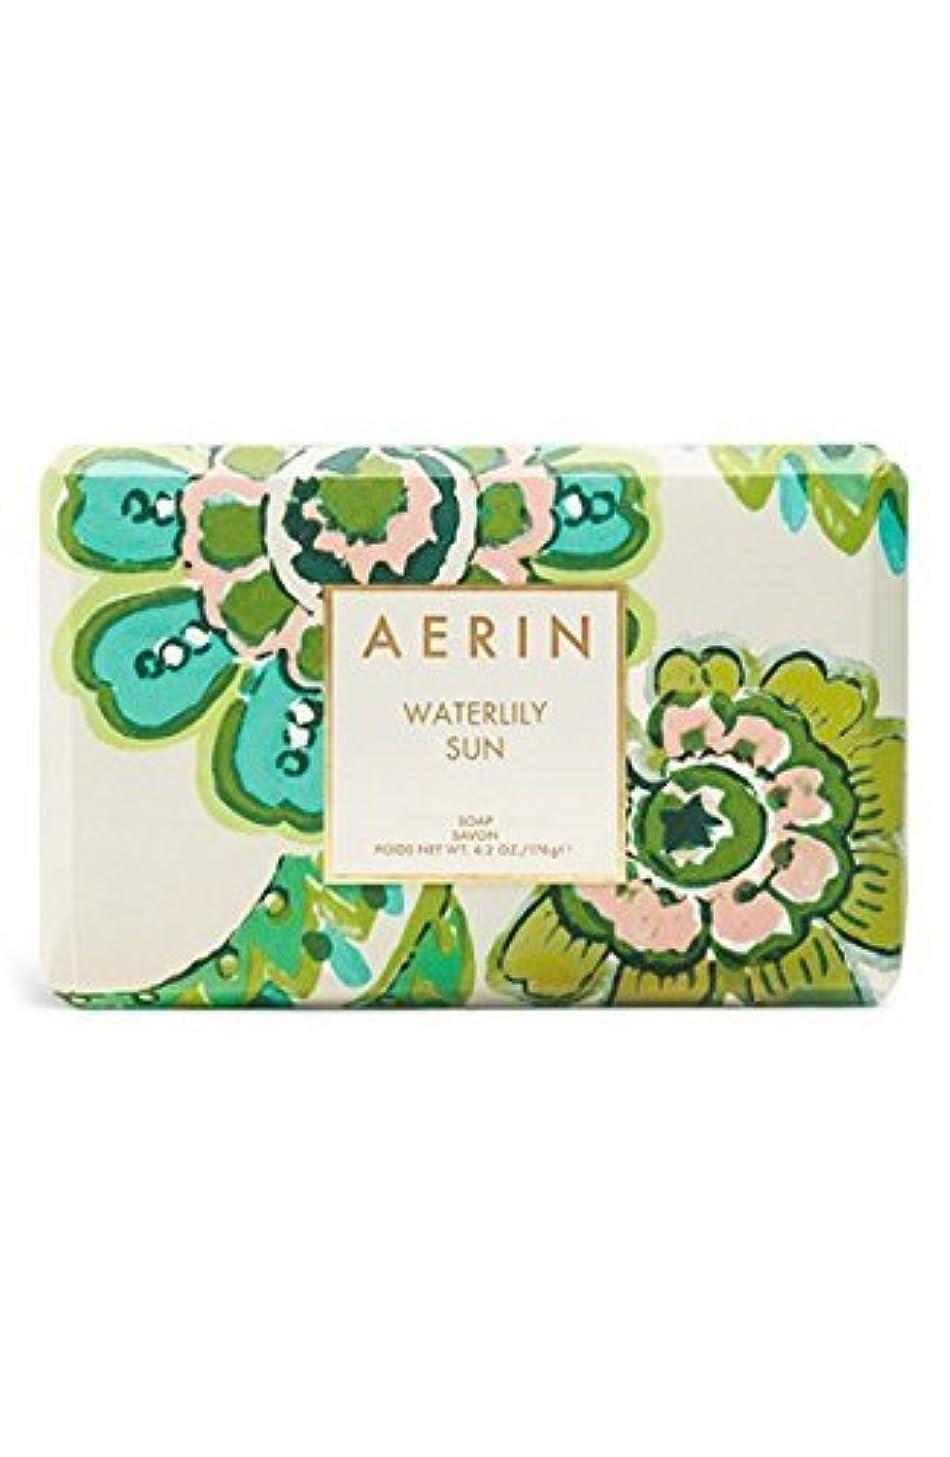 スキニー精緻化翻訳するAERIN 'Waterlily Sun' (アエリン ウオーターリリー サン) 6.2 oz (50ml) Body Soap 固形石鹸 by Estee Lauder for Women